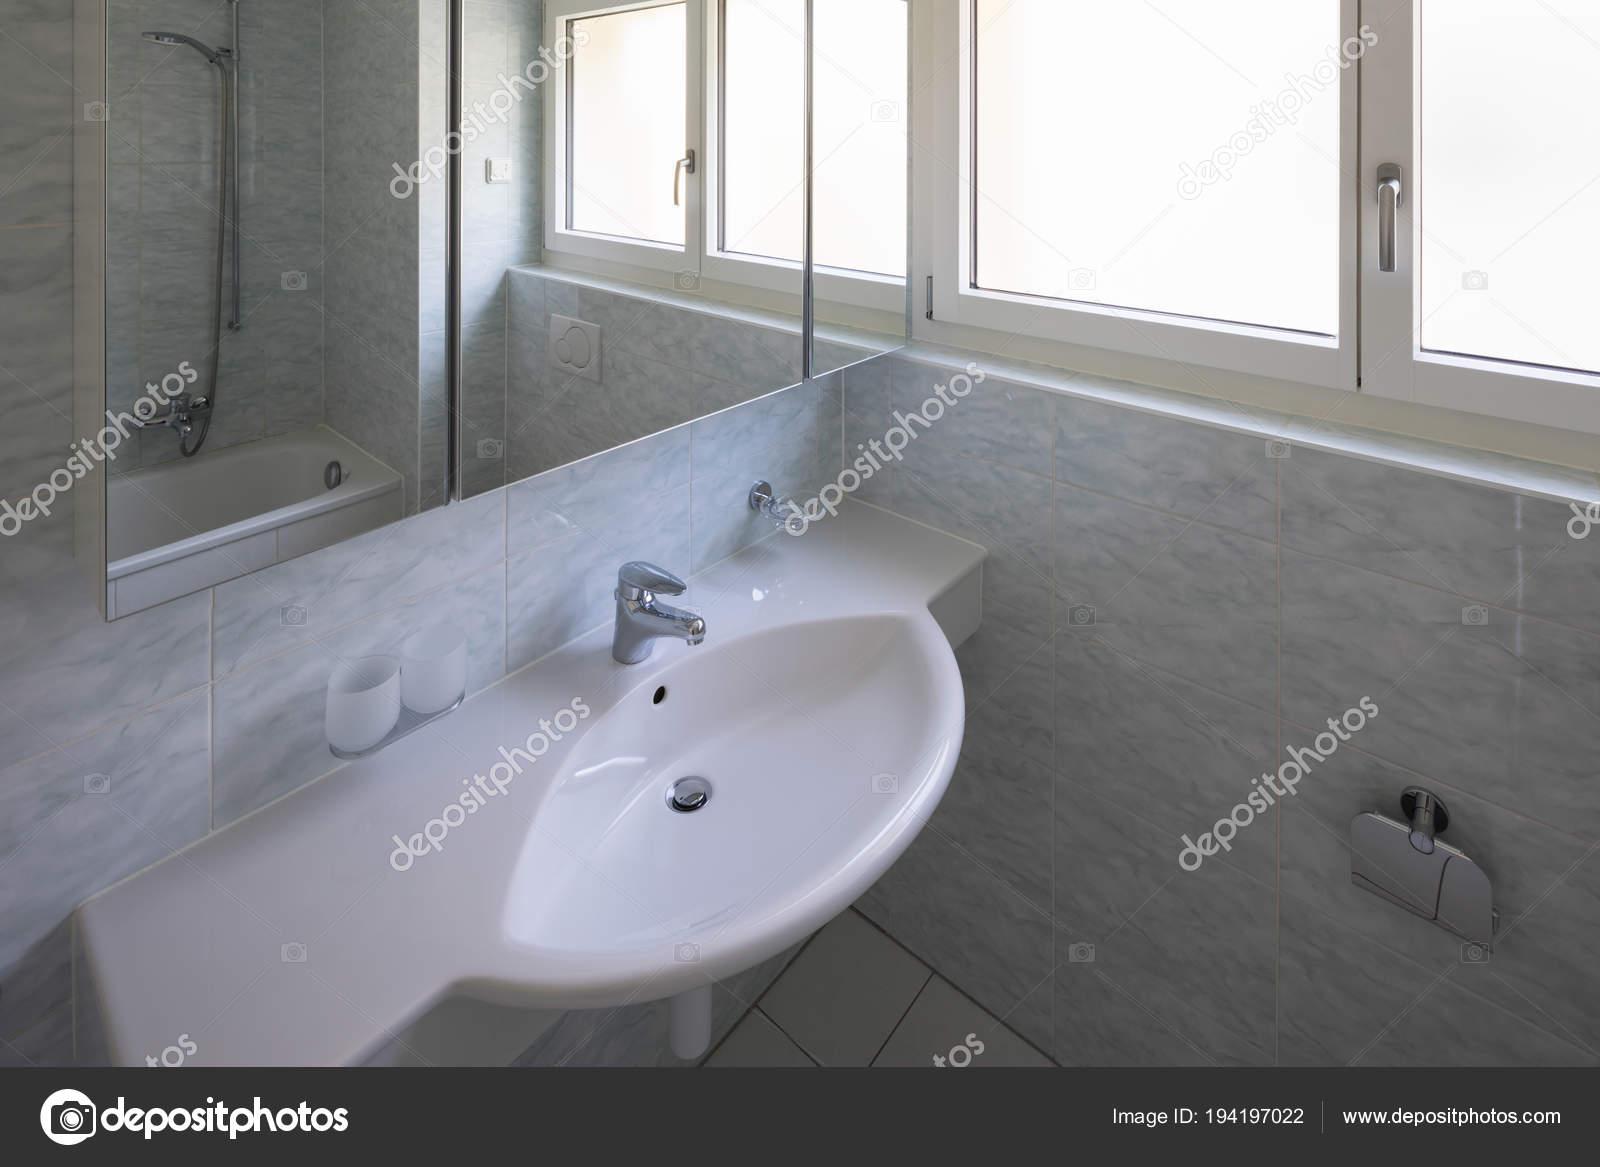 Bagno con piastrelle di grandi dimensioni stile retrò u foto